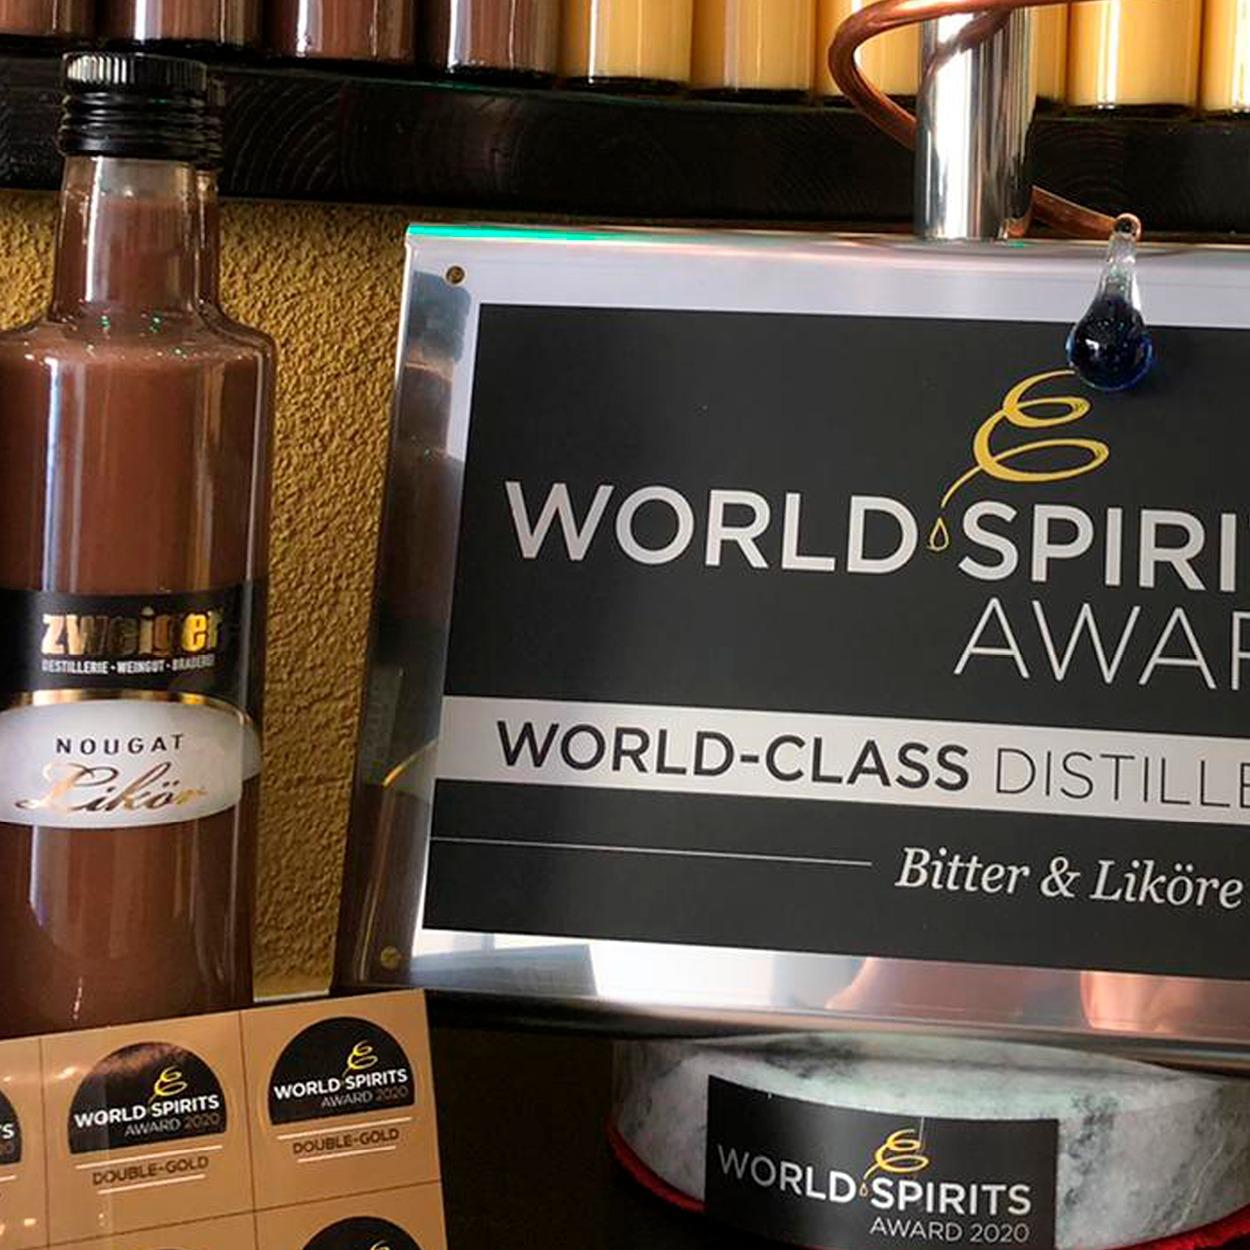 Nougat Cremelikör Zweiger Destillerie World Spirit